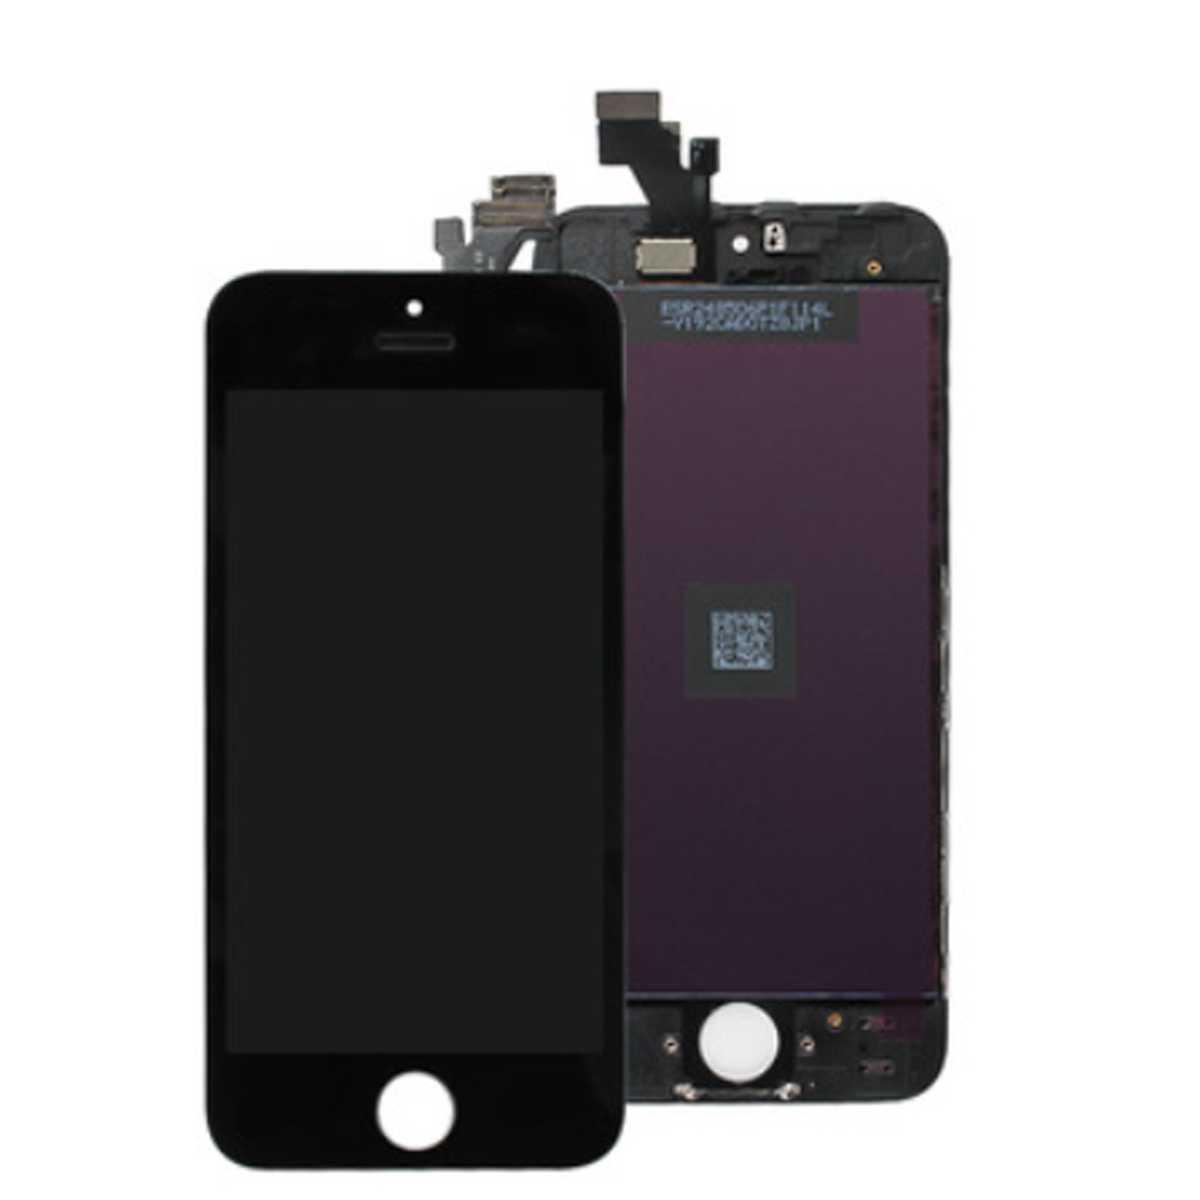 display einheit f r iphone 5 schwarz komplett sintech. Black Bedroom Furniture Sets. Home Design Ideas